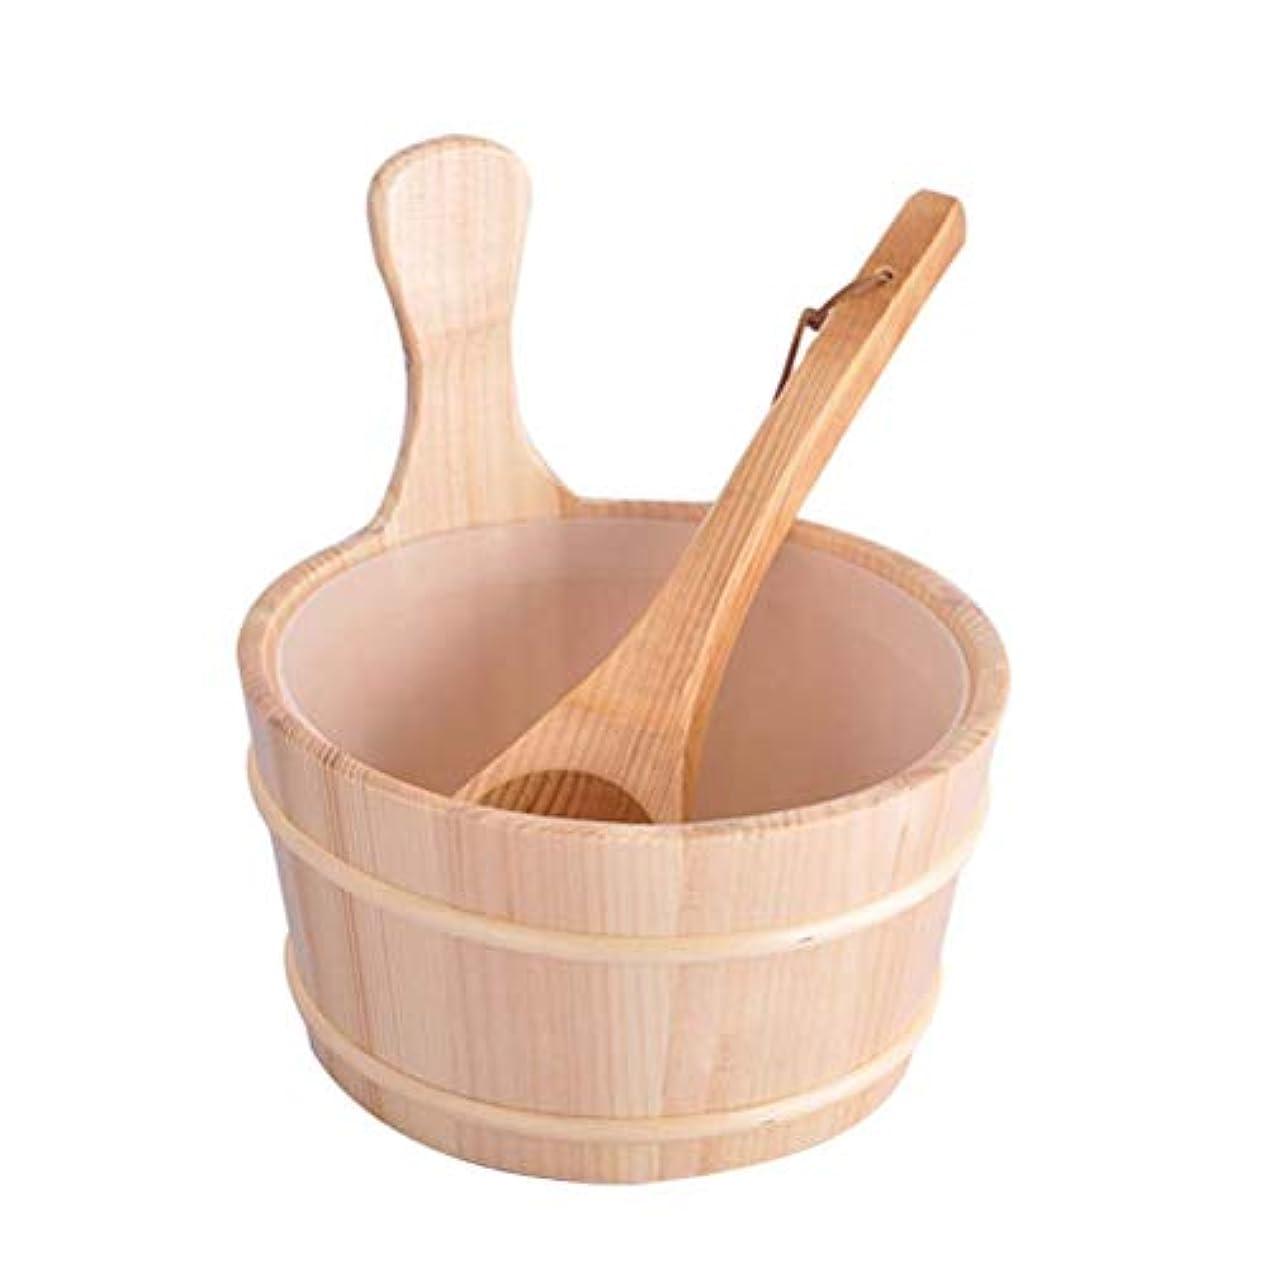 ラショナルしみ安心Healifty 木製バケツスプーン入浴バレルセットバケツ2個(ニュートラルスタイル)